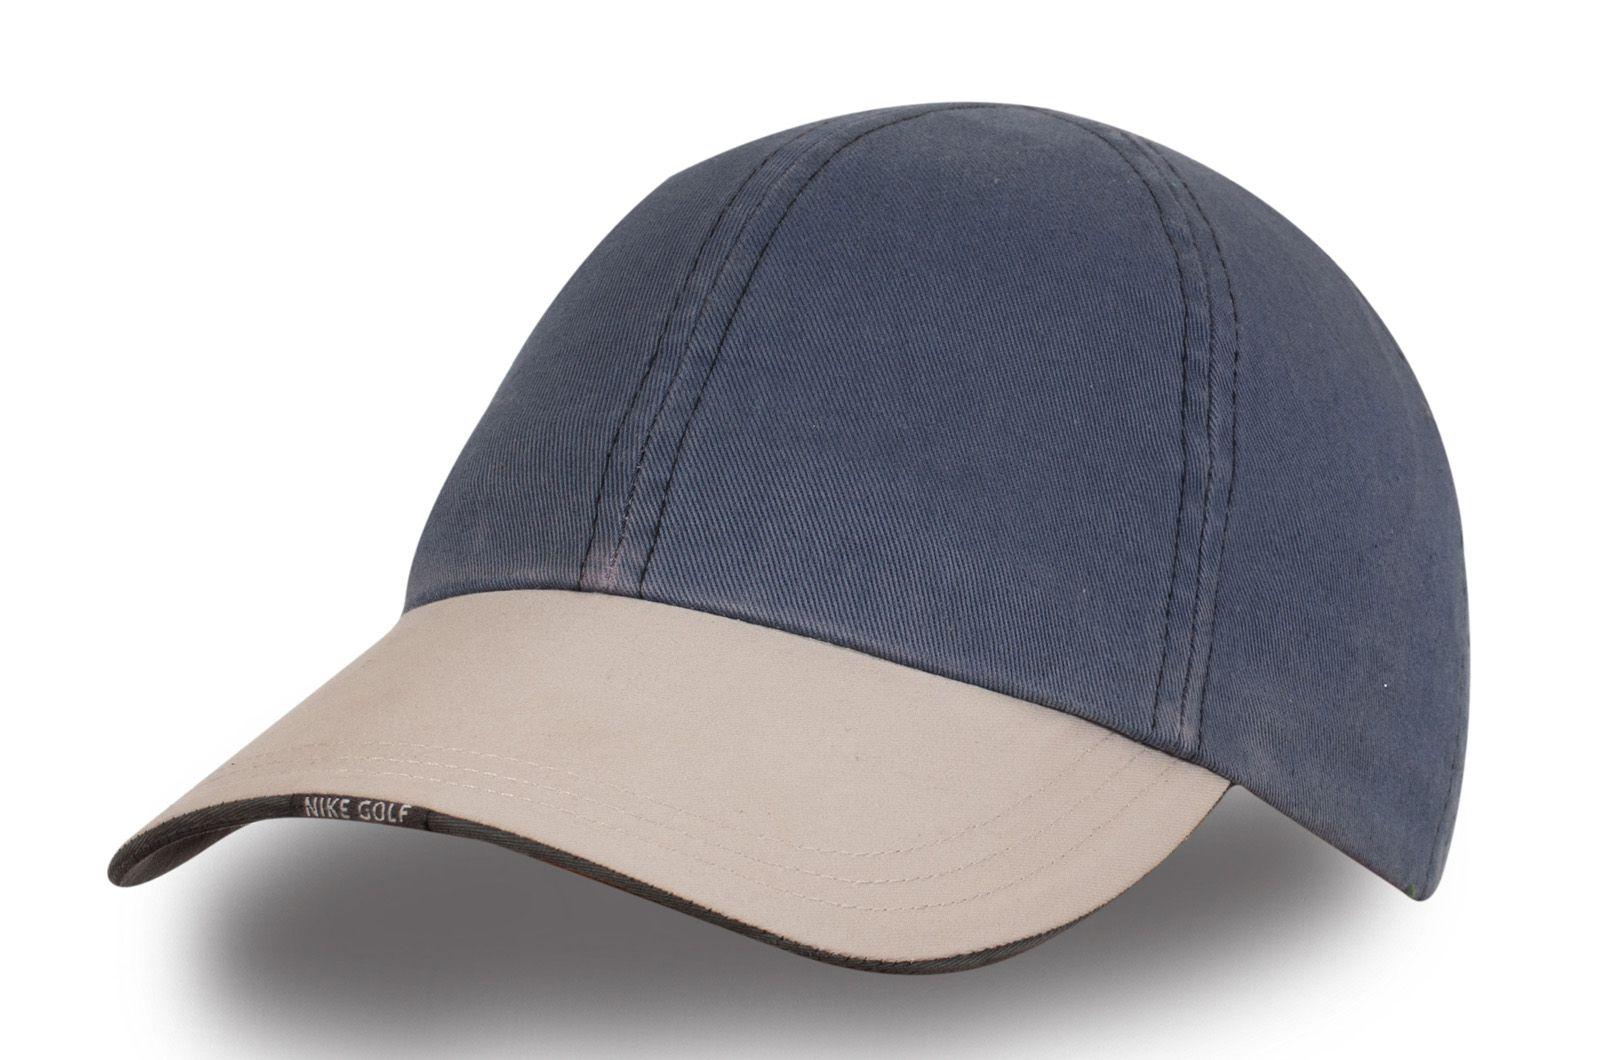 Бейсболка из джинса - купить в интернет-магазине с доставкой